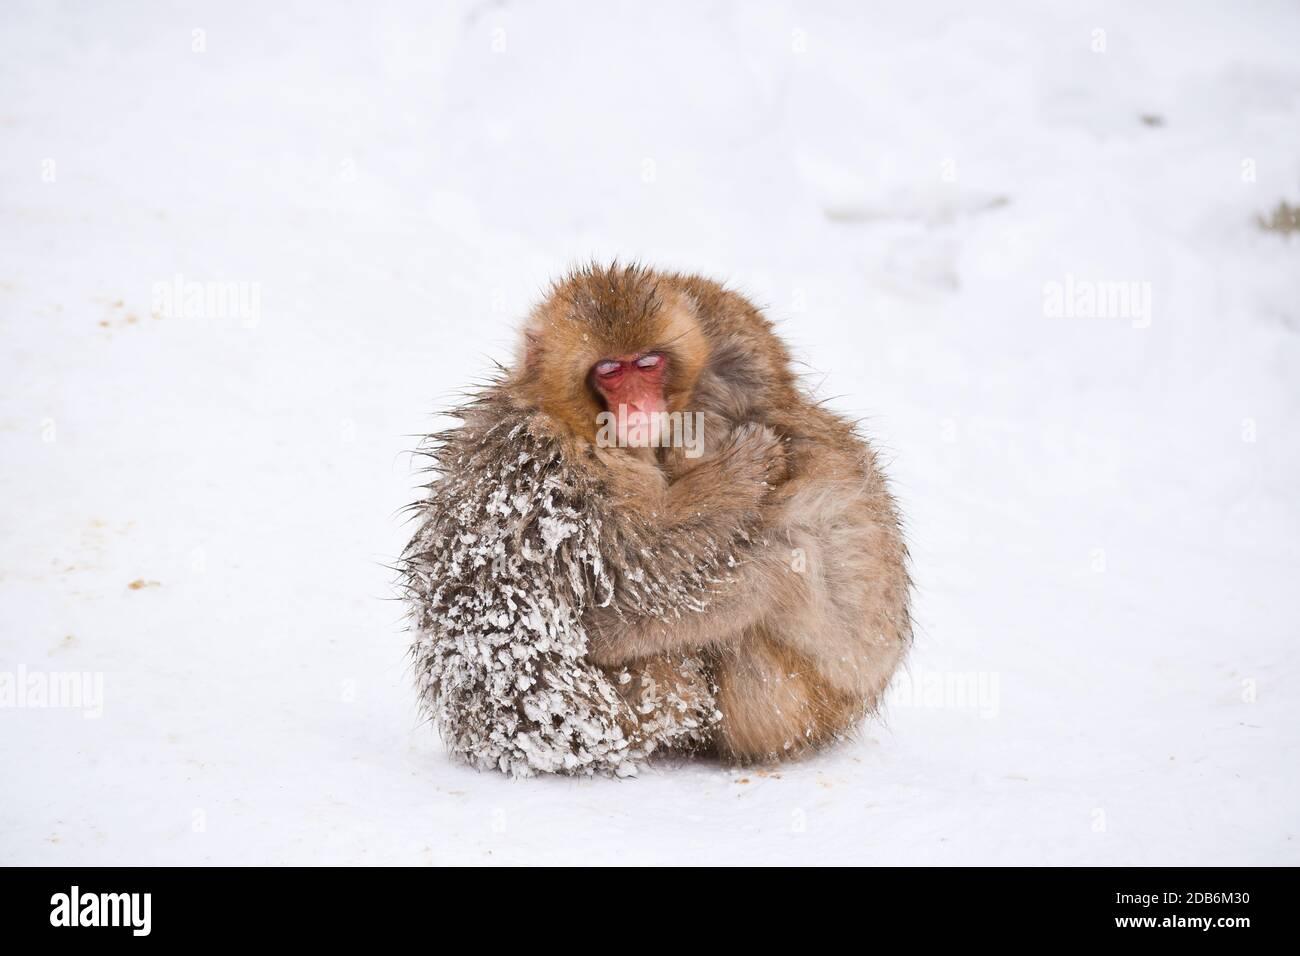 due simpatici scimmie nevi brune che si abbracciano e si riparano dalla neve fredda con ghiaccio nella loro pelliccia in inverno. Animali selvatici che mostrano amore Foto Stock